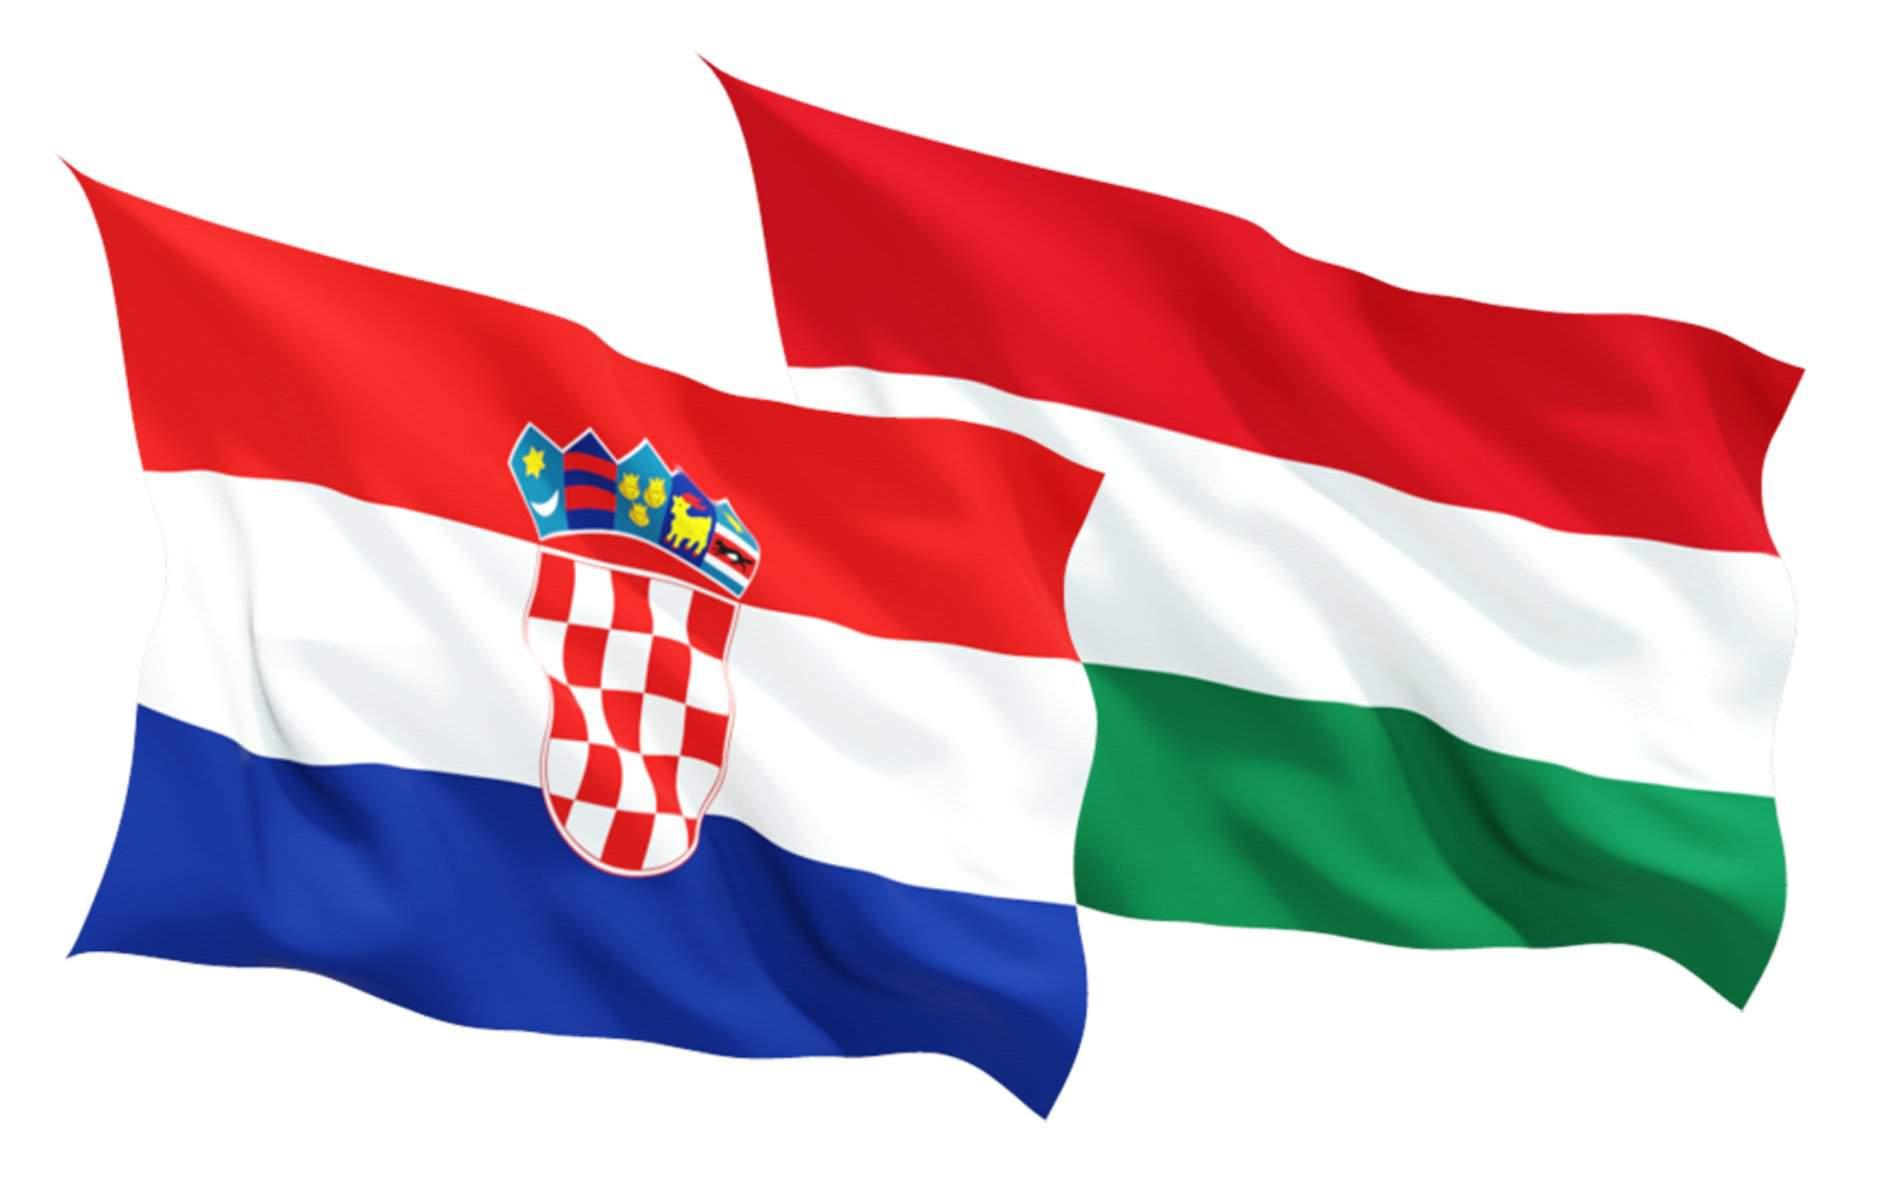 Memorial for Hungarian naval servicemen to be erected in Croatia